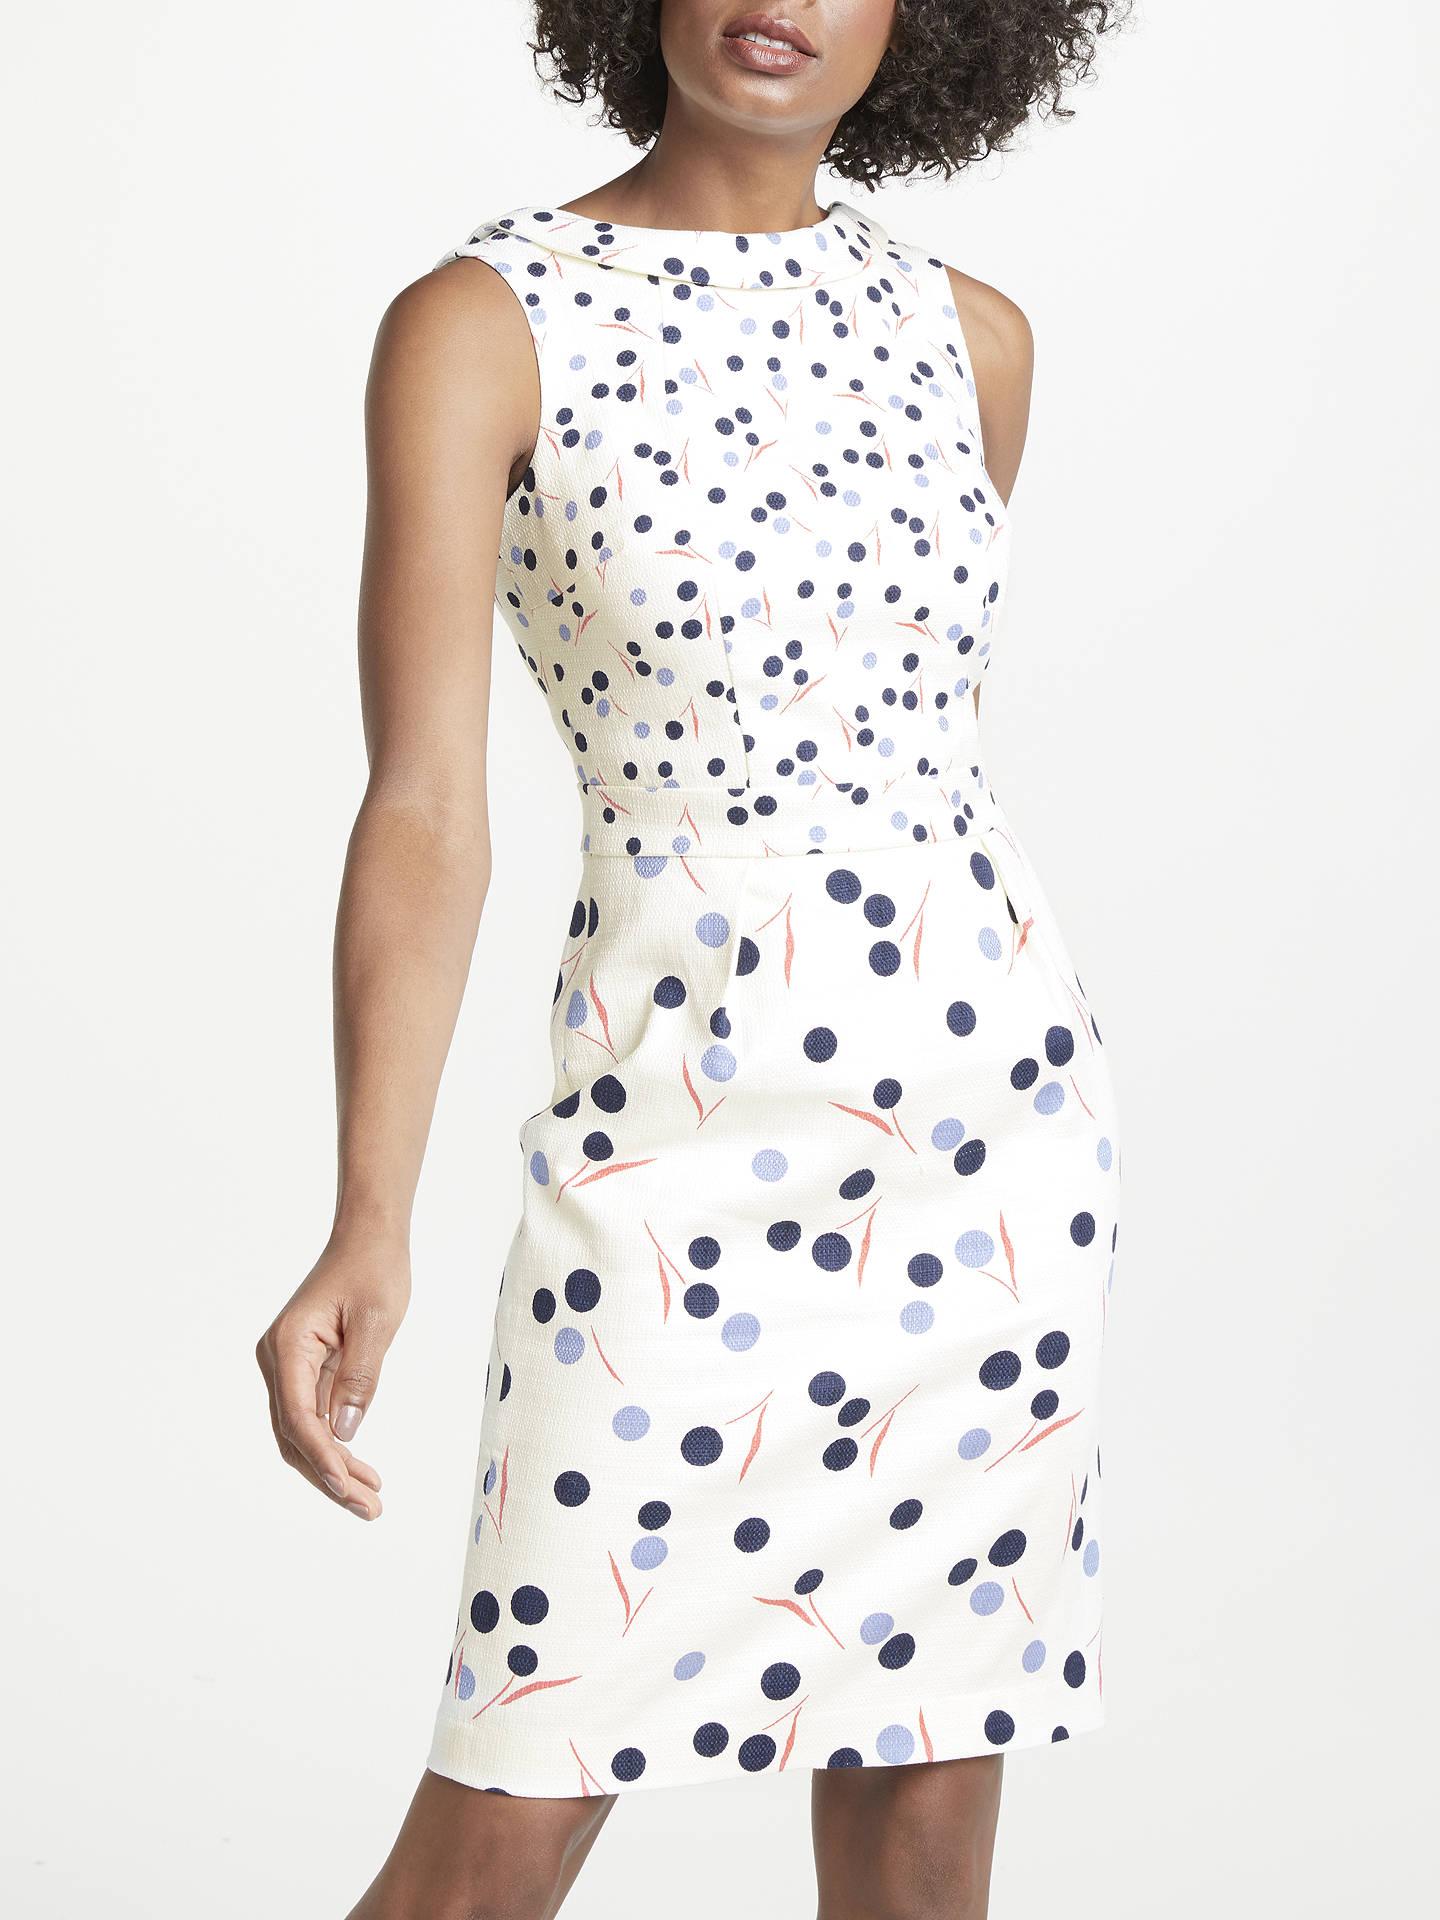 87d37425e0 Buy Boden Martha Sleeveless Dandelion Print Dress